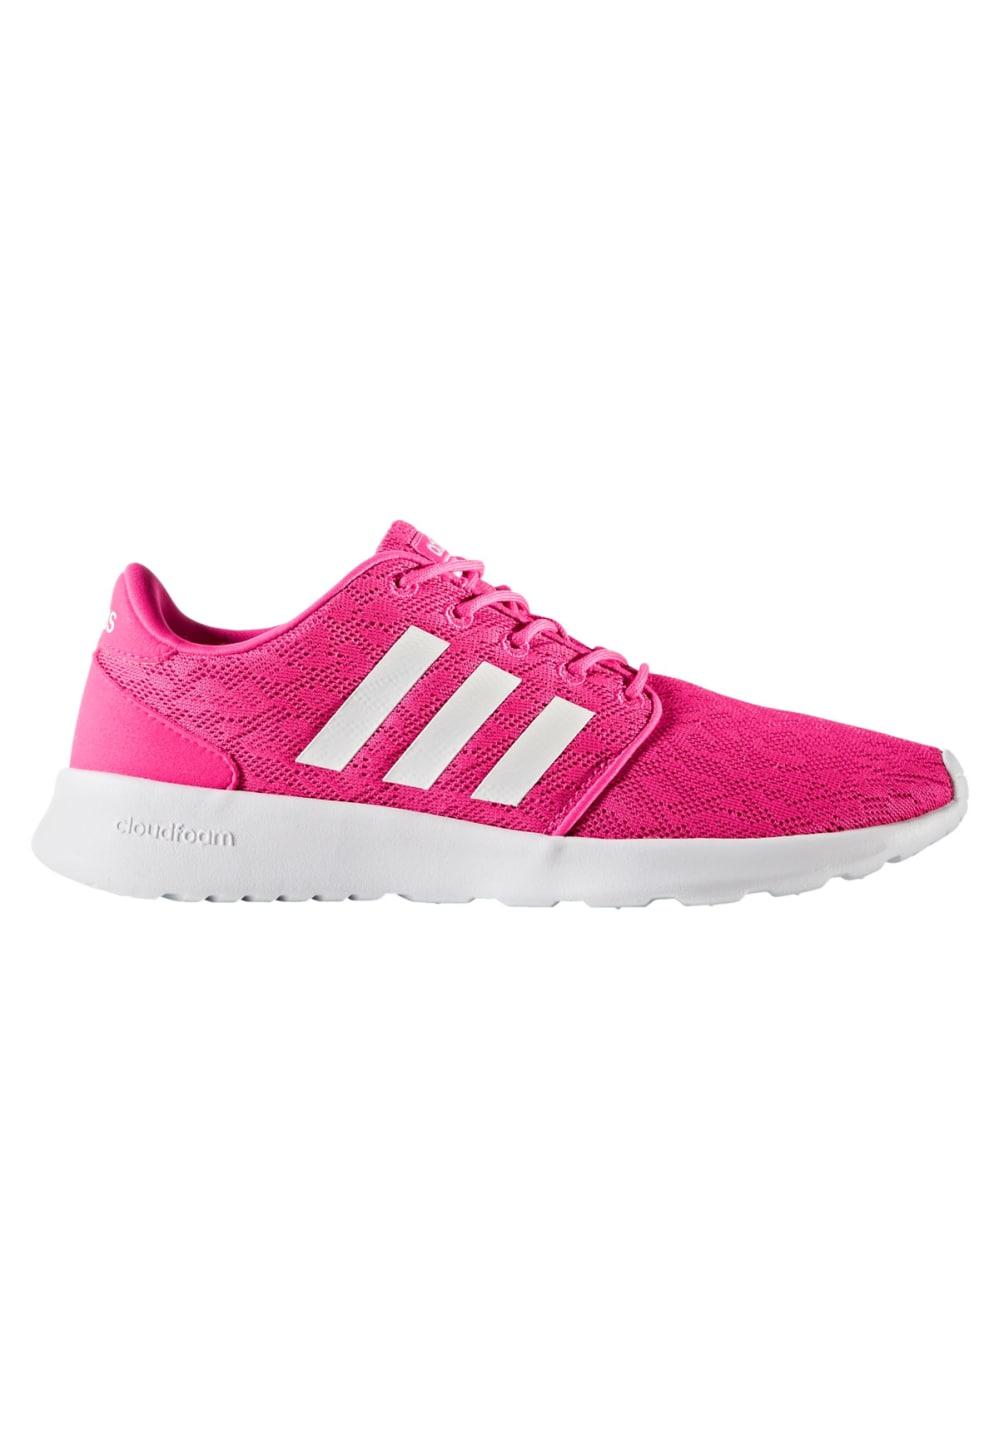 adidas neo Cloudfoam QT Racer - Sneaker für Damen - Pink